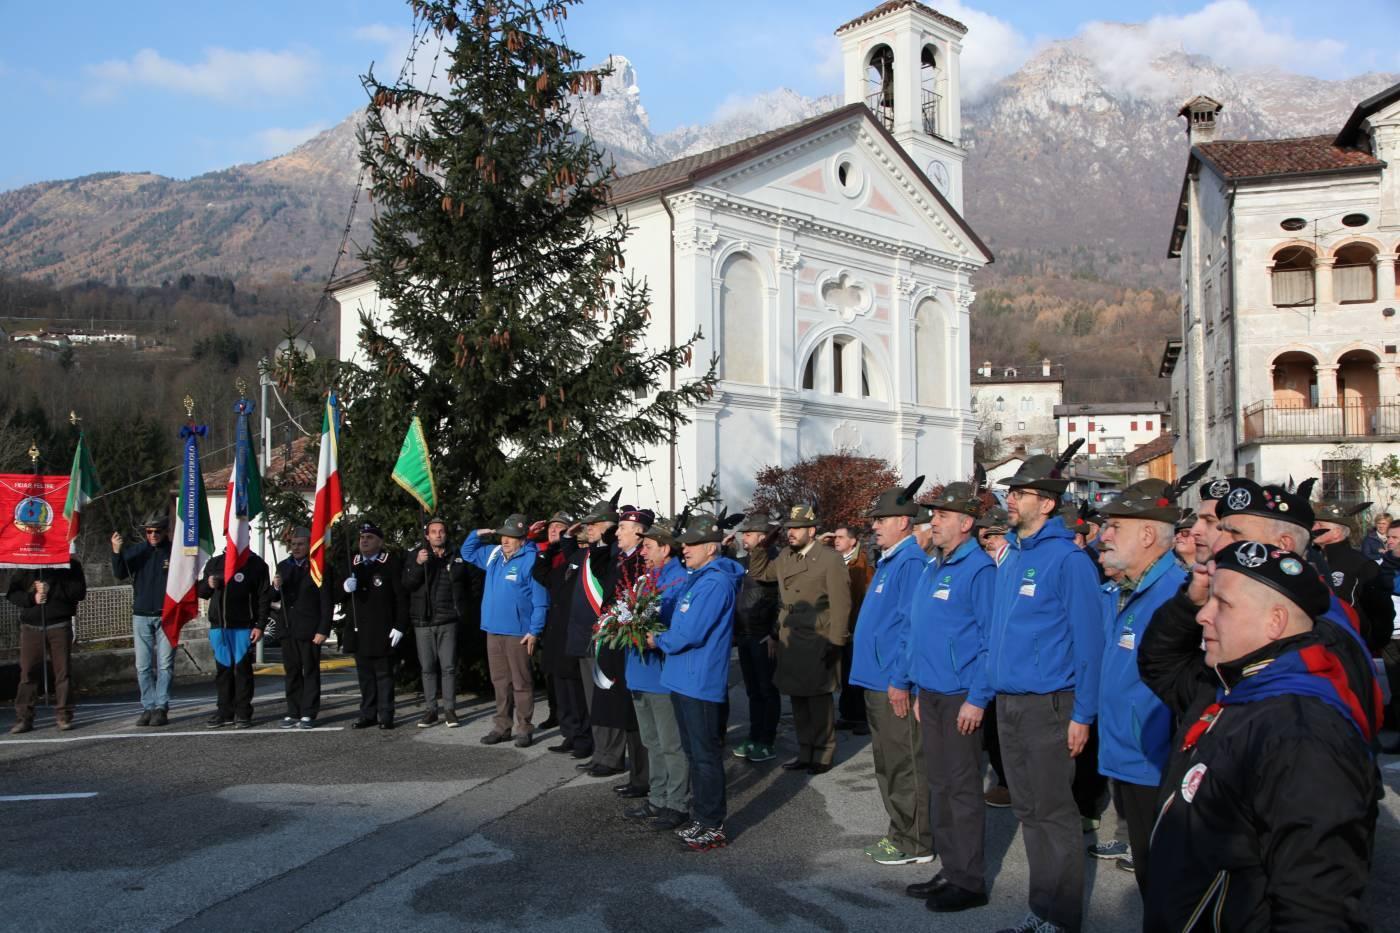 Il Gruppo Alpini Paderno nella piazza davanti alla chiesa parrocchiale